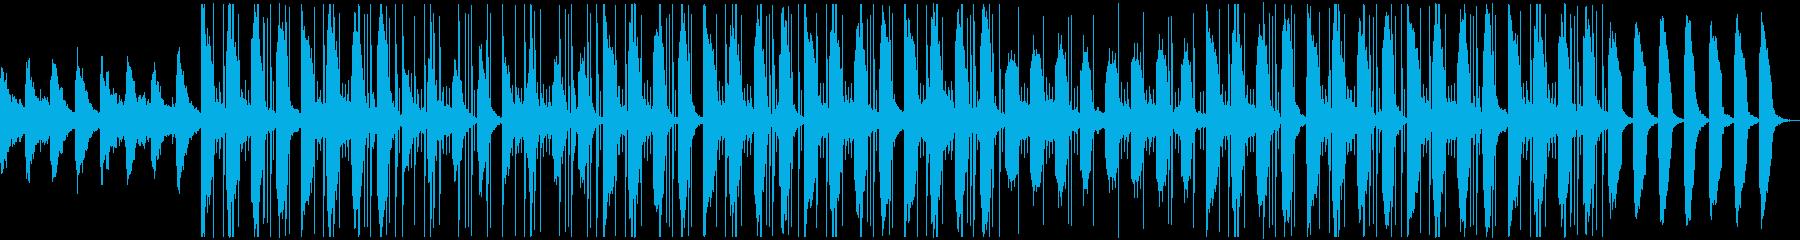 ノスタルジック おしゃれ トラップソウルの再生済みの波形